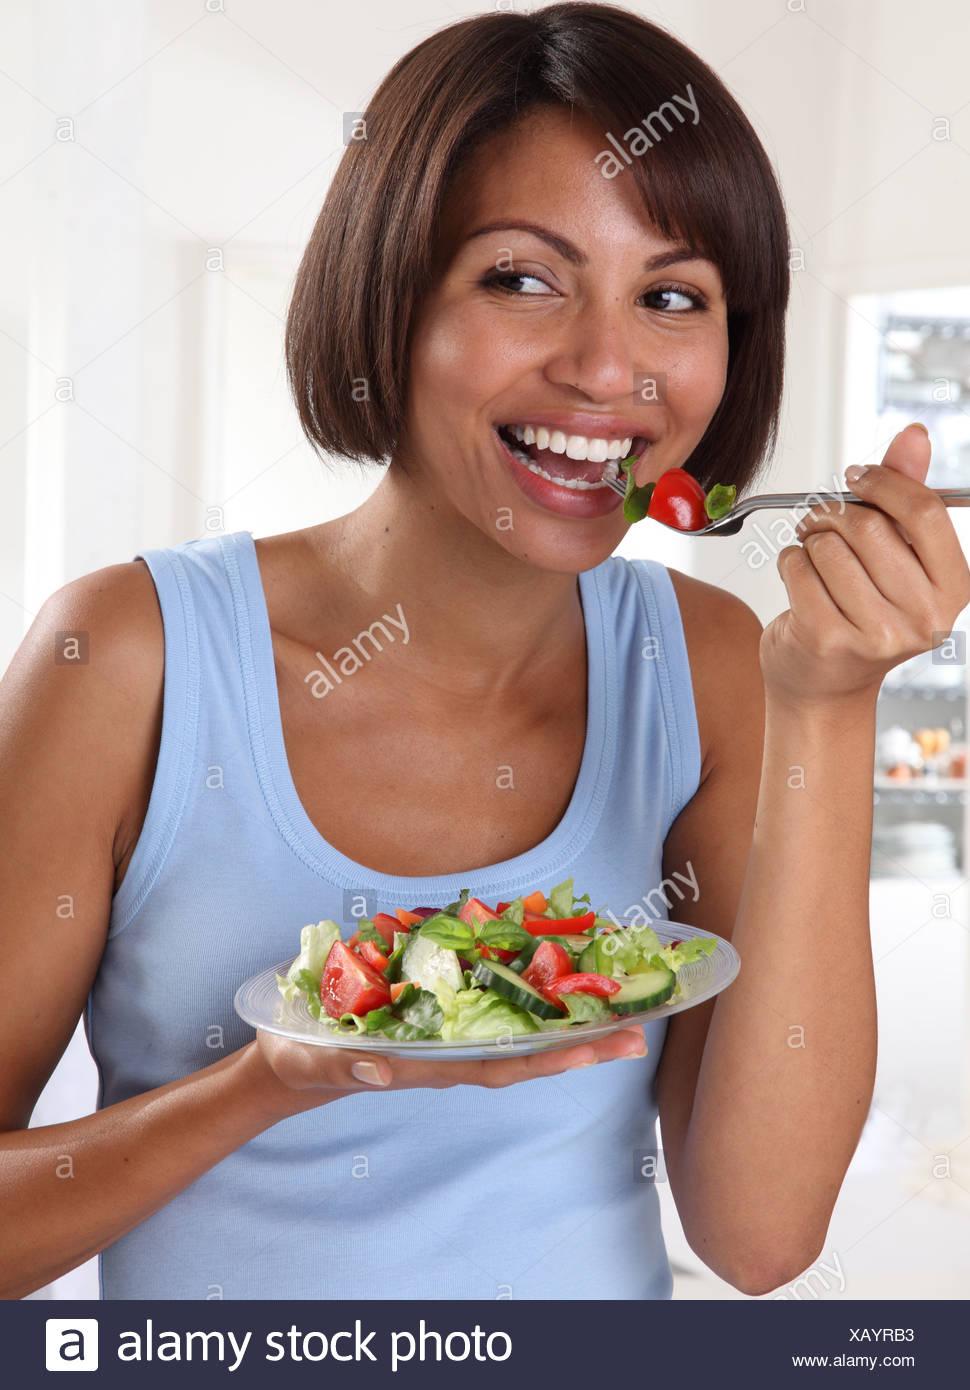 WOMAN EATING MIXED SALAD - Stock Image